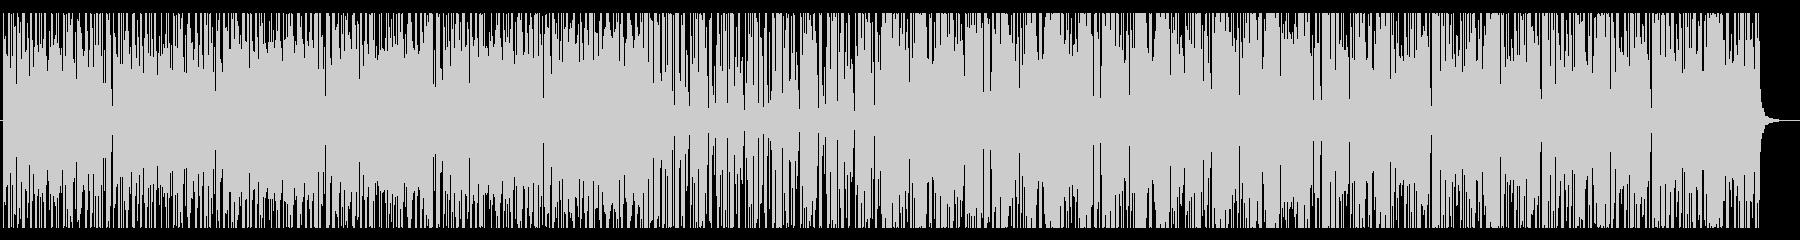 哀愁のスパニッシュギターとクラップの未再生の波形